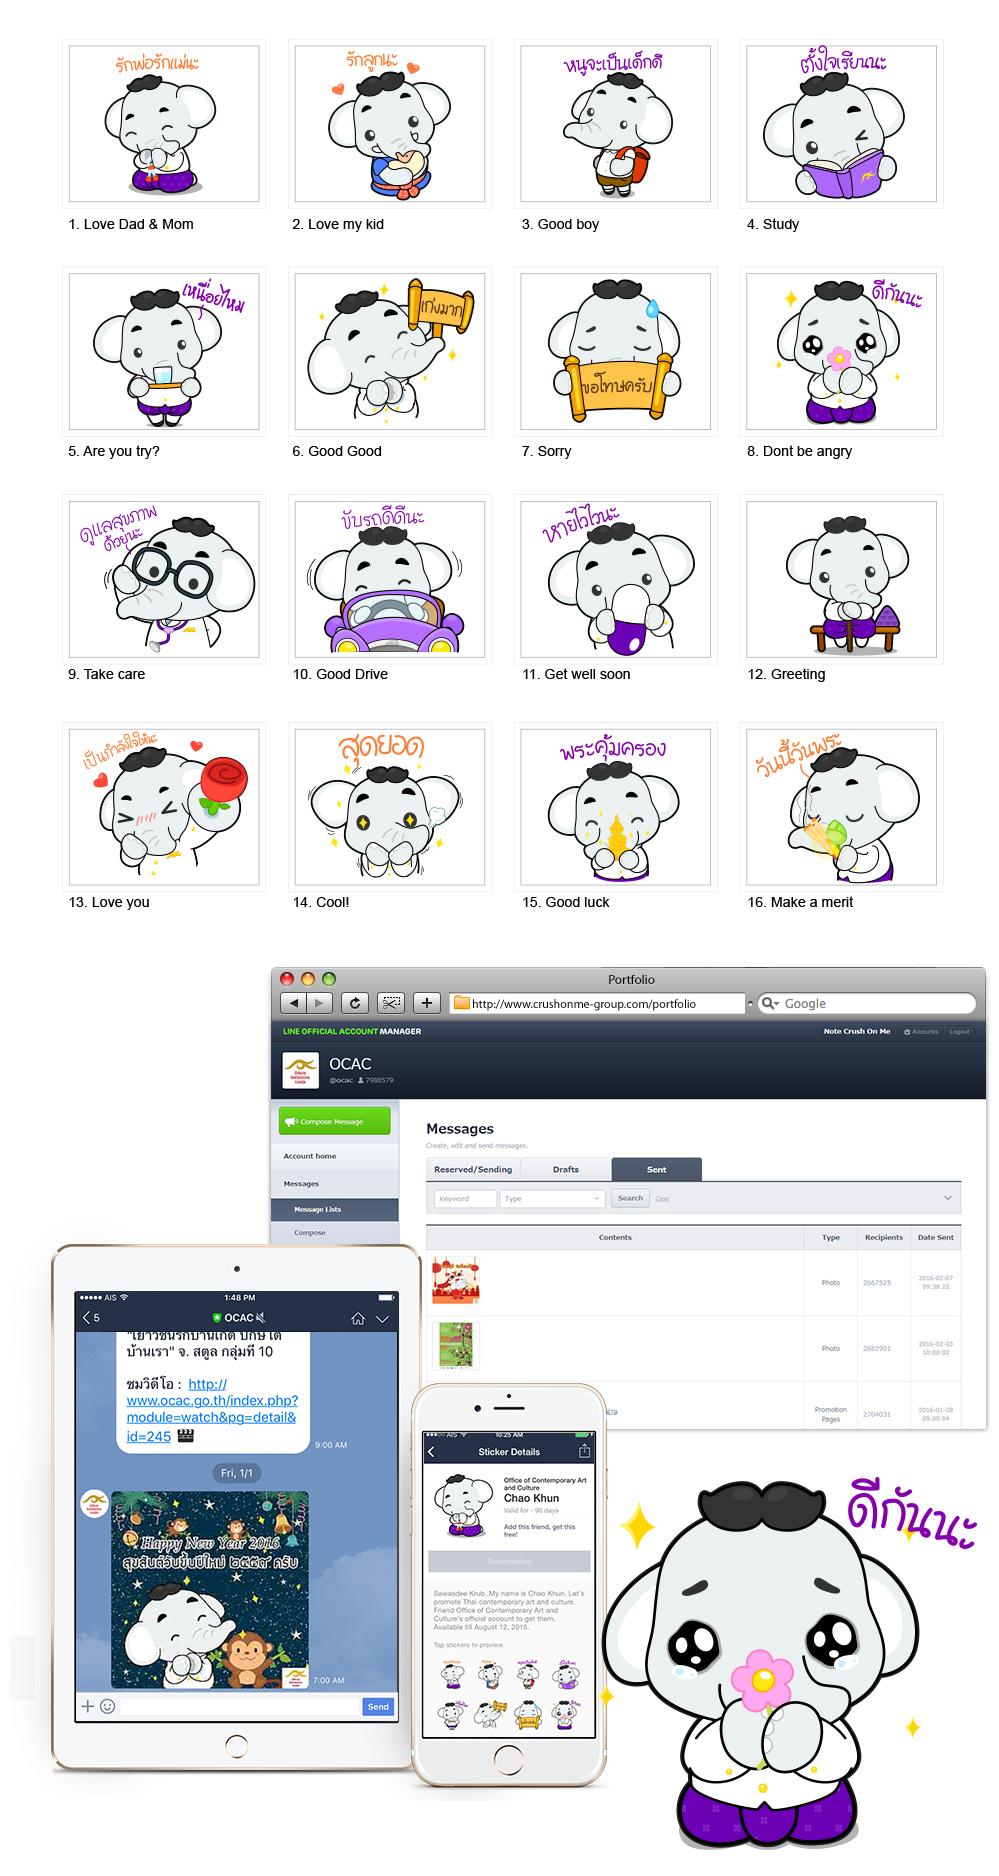 รับออกแบบLineสติ๊กเกอร์-ช้าง-น้องเจ้าขุน-crushonme-รับออกแบบเว็บไซต์-บริษัทรับทำ-Website-ครัชออนมี